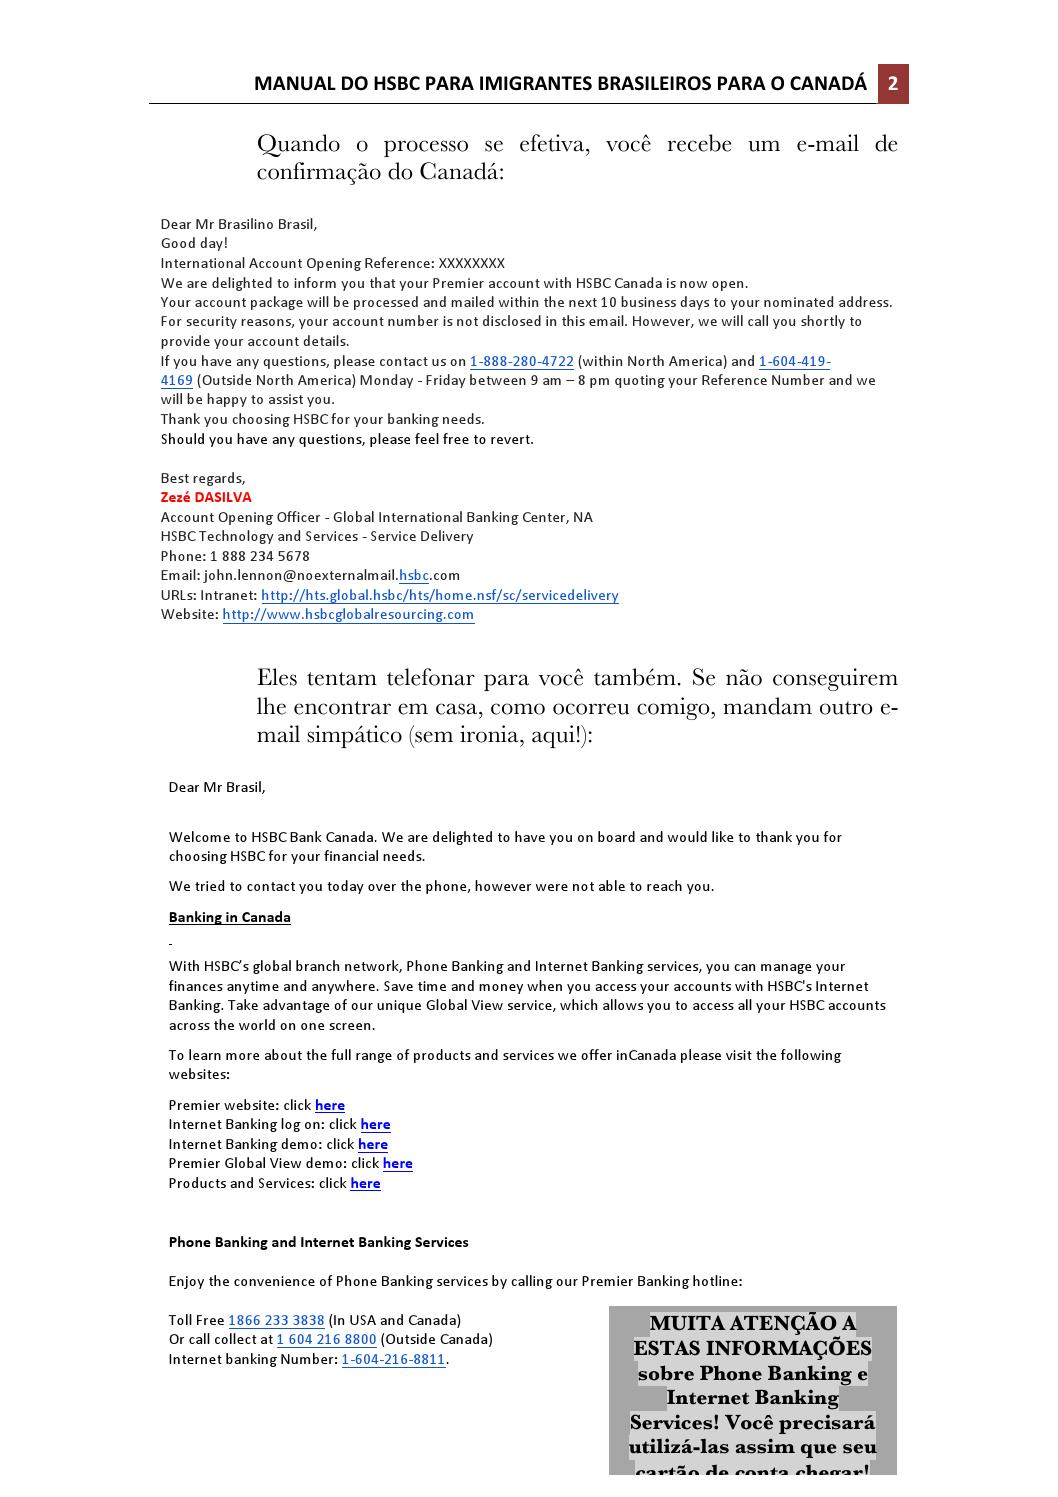 Manual do HSBC para Imigrantes Brasileiros para o Canadá